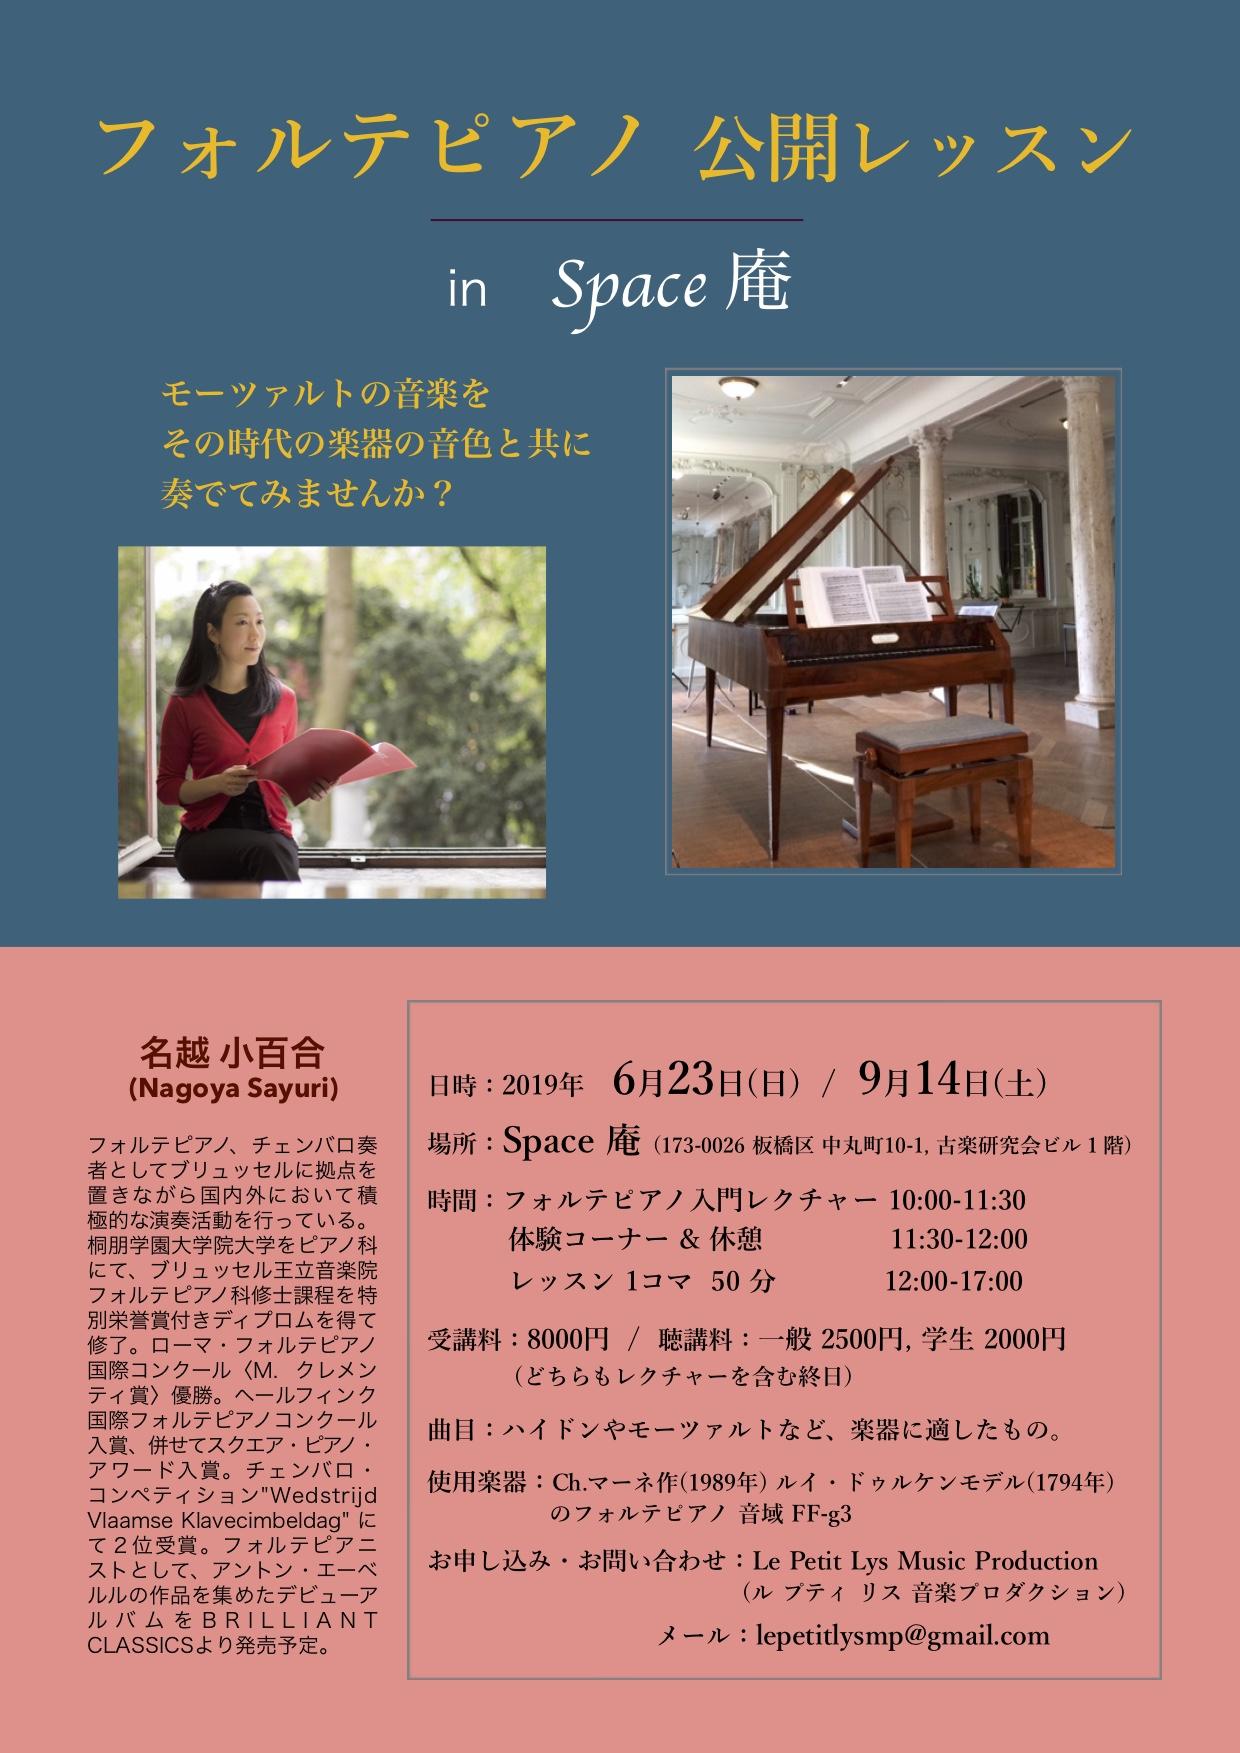 フォルテピアノ 公開レッスン in Space庵 @ Space庵